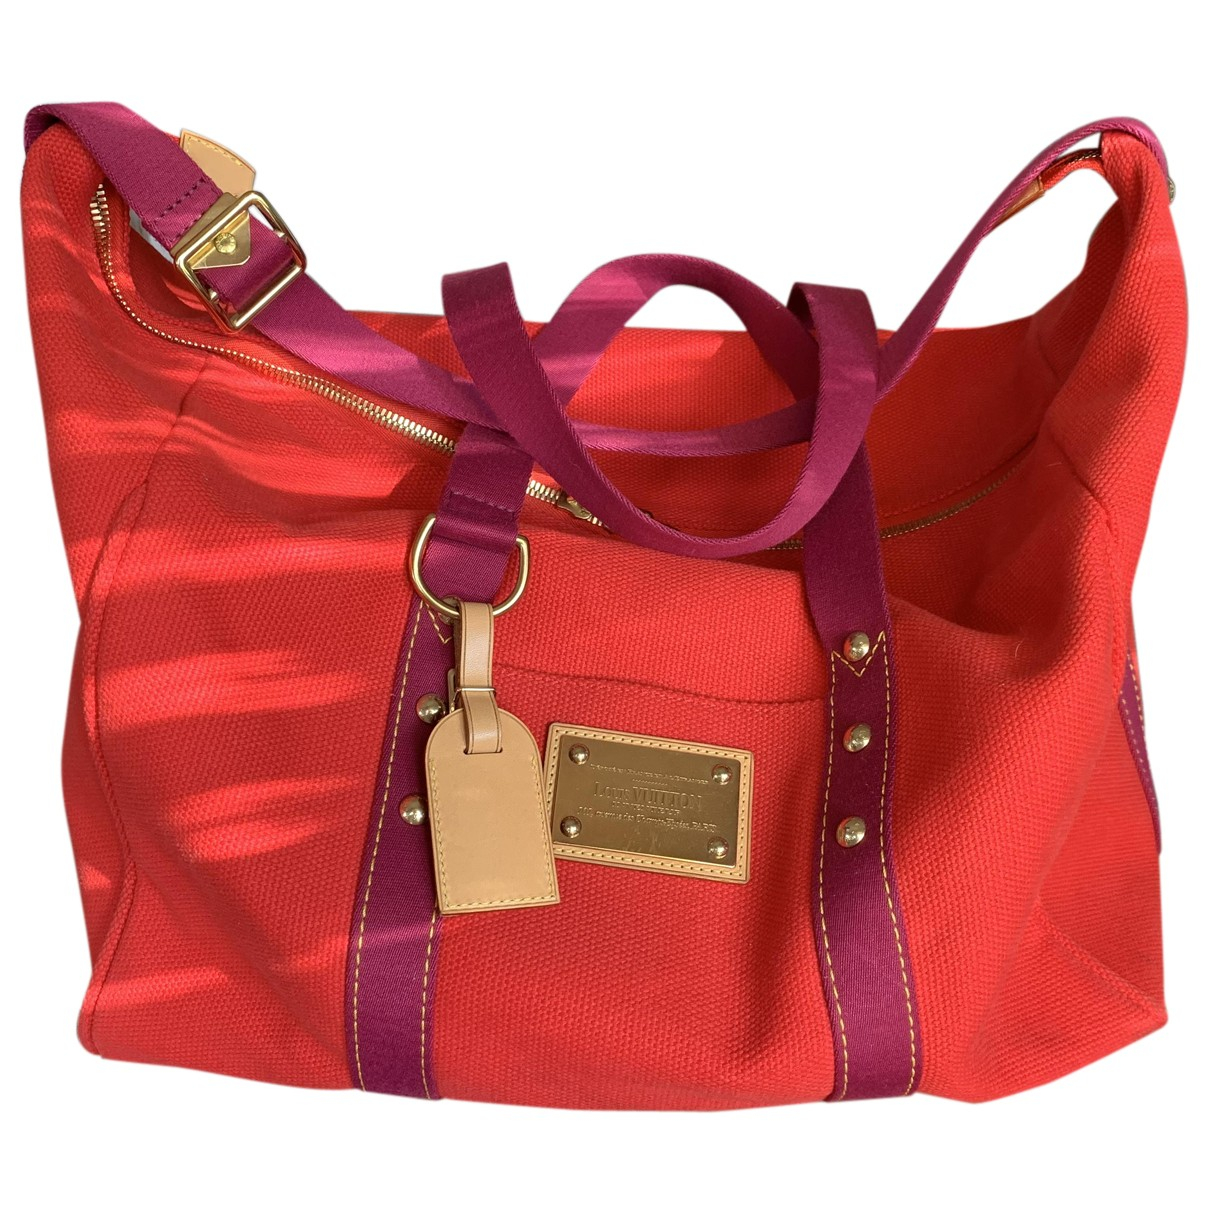 Louis Vuitton - Sac de voyage   pour femme en toile - rouge